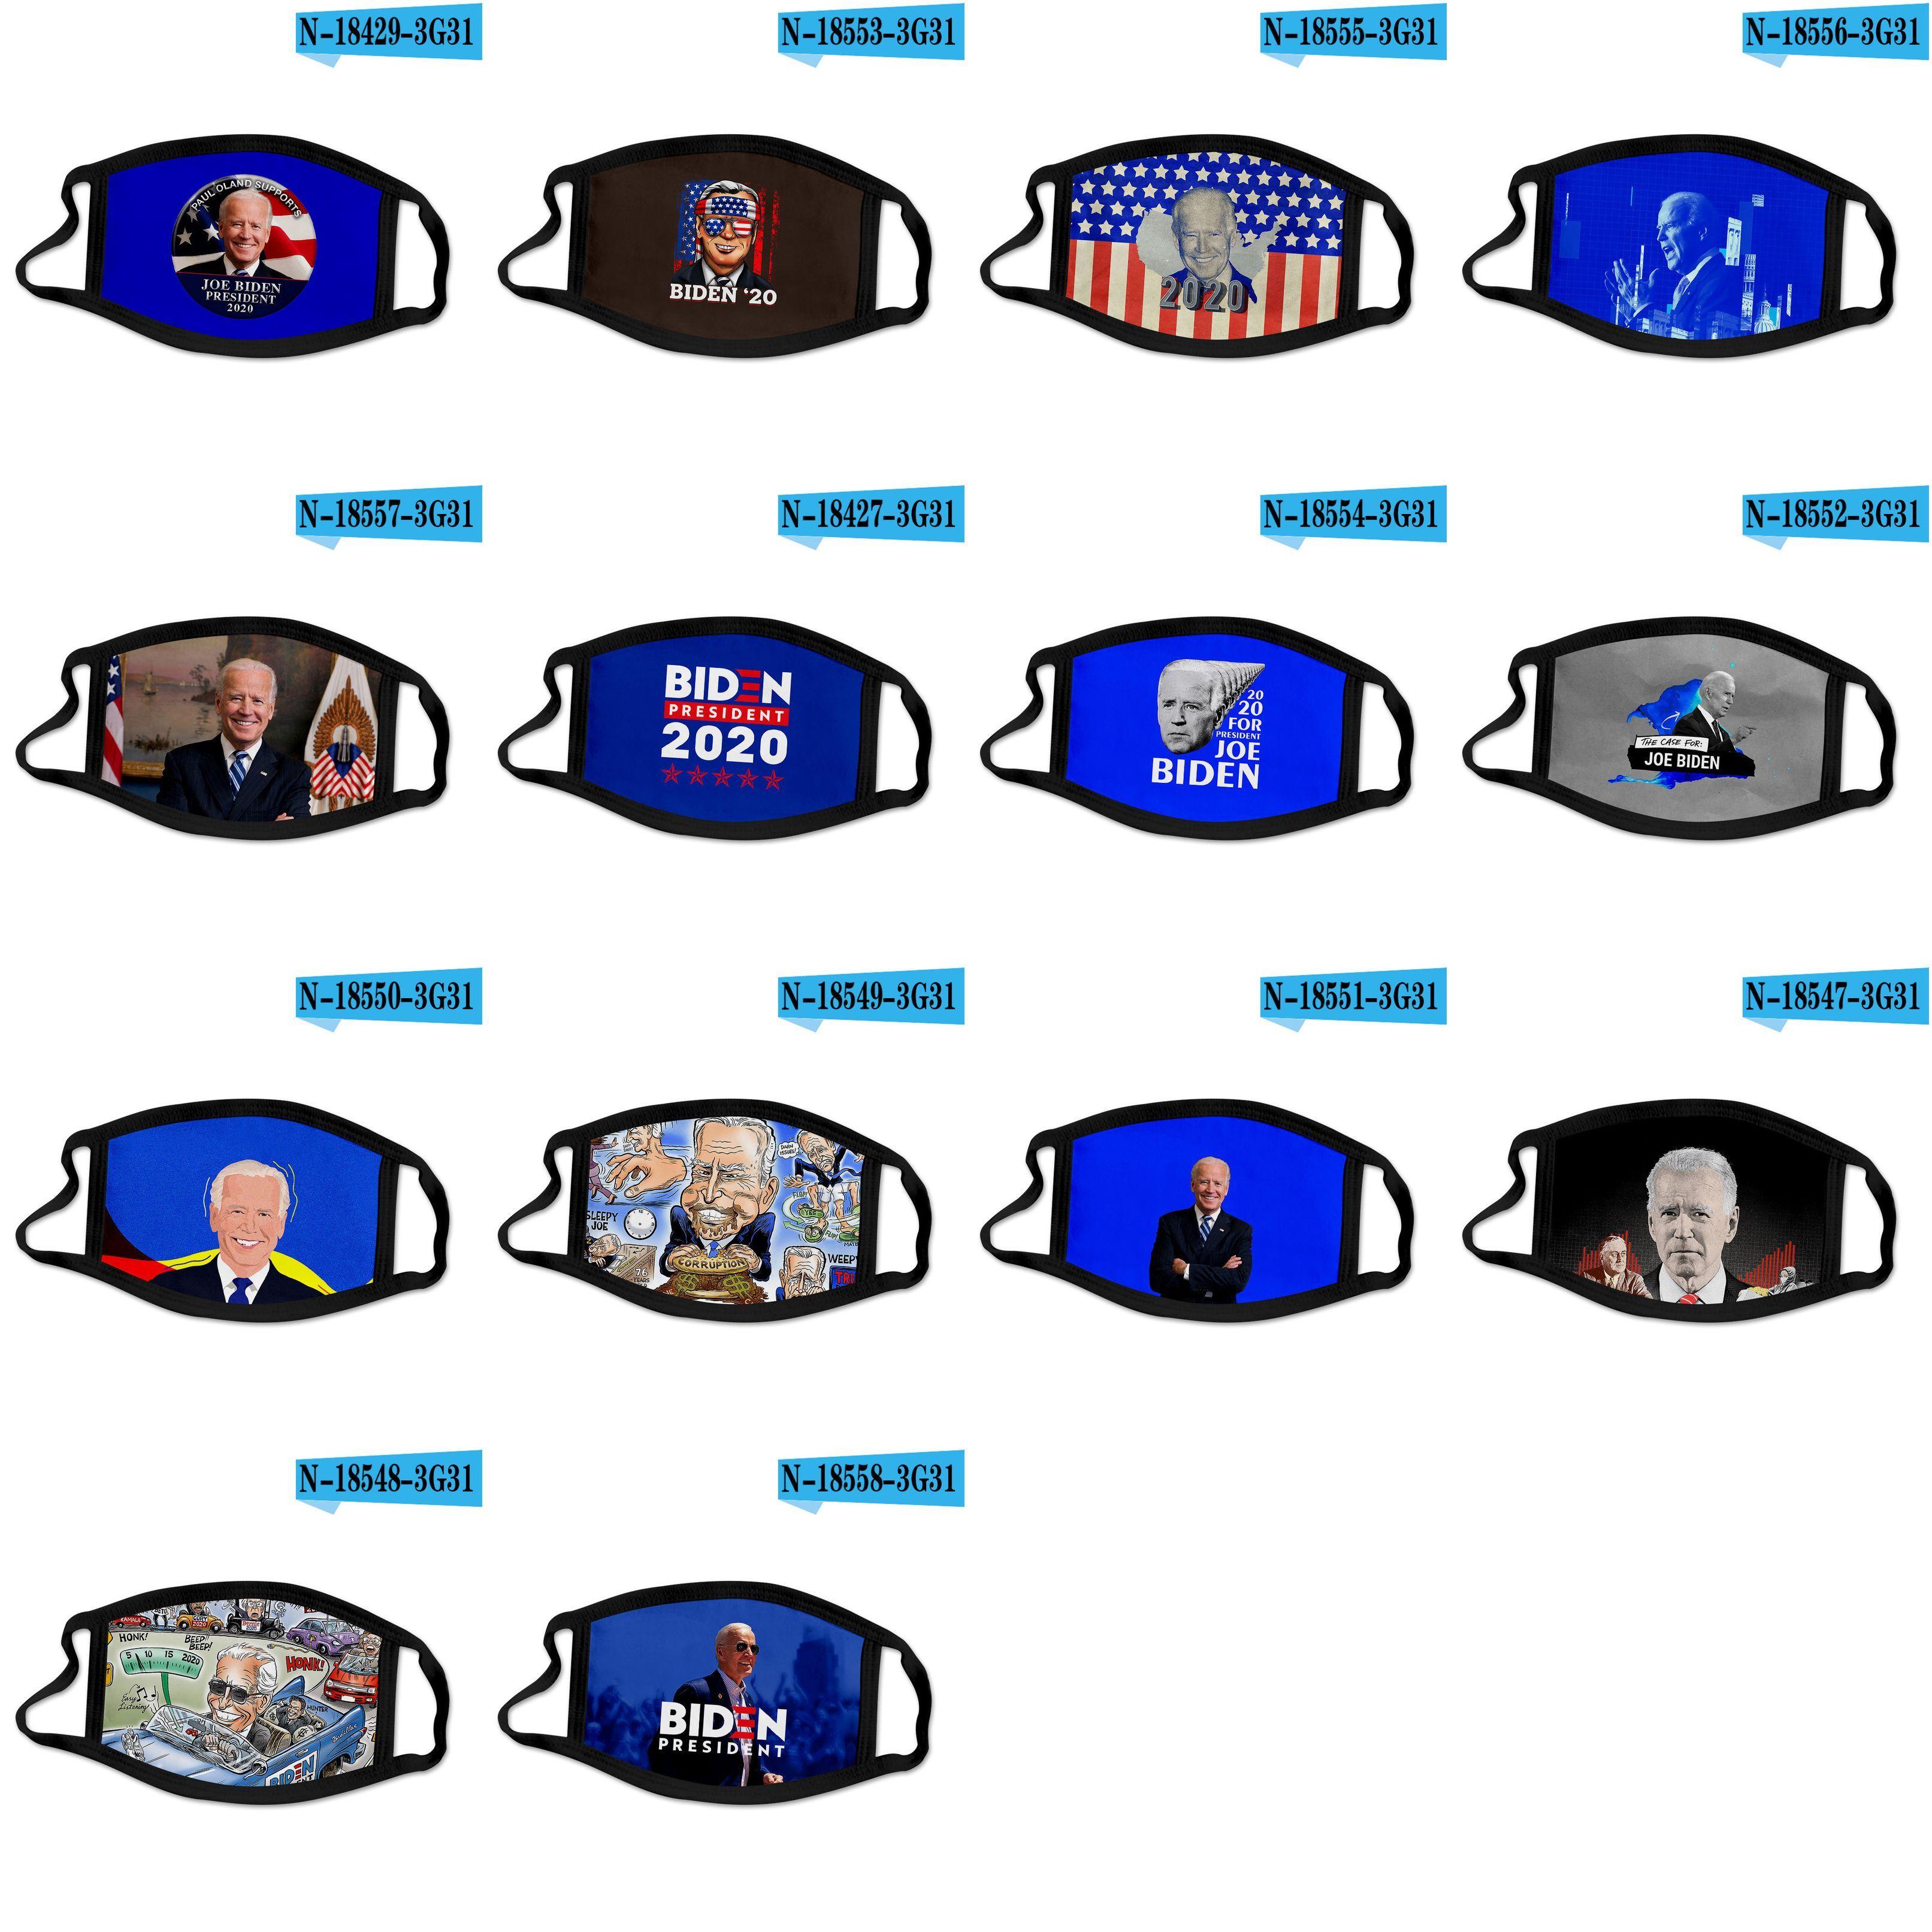 DHL 2020 Designer Gesichtsmaske Joe Biden US-Präsidentschaftswahlkampf Polyestergewebe Masken grenzüberschreitende Unterstützung benutzerdefinierte Maske